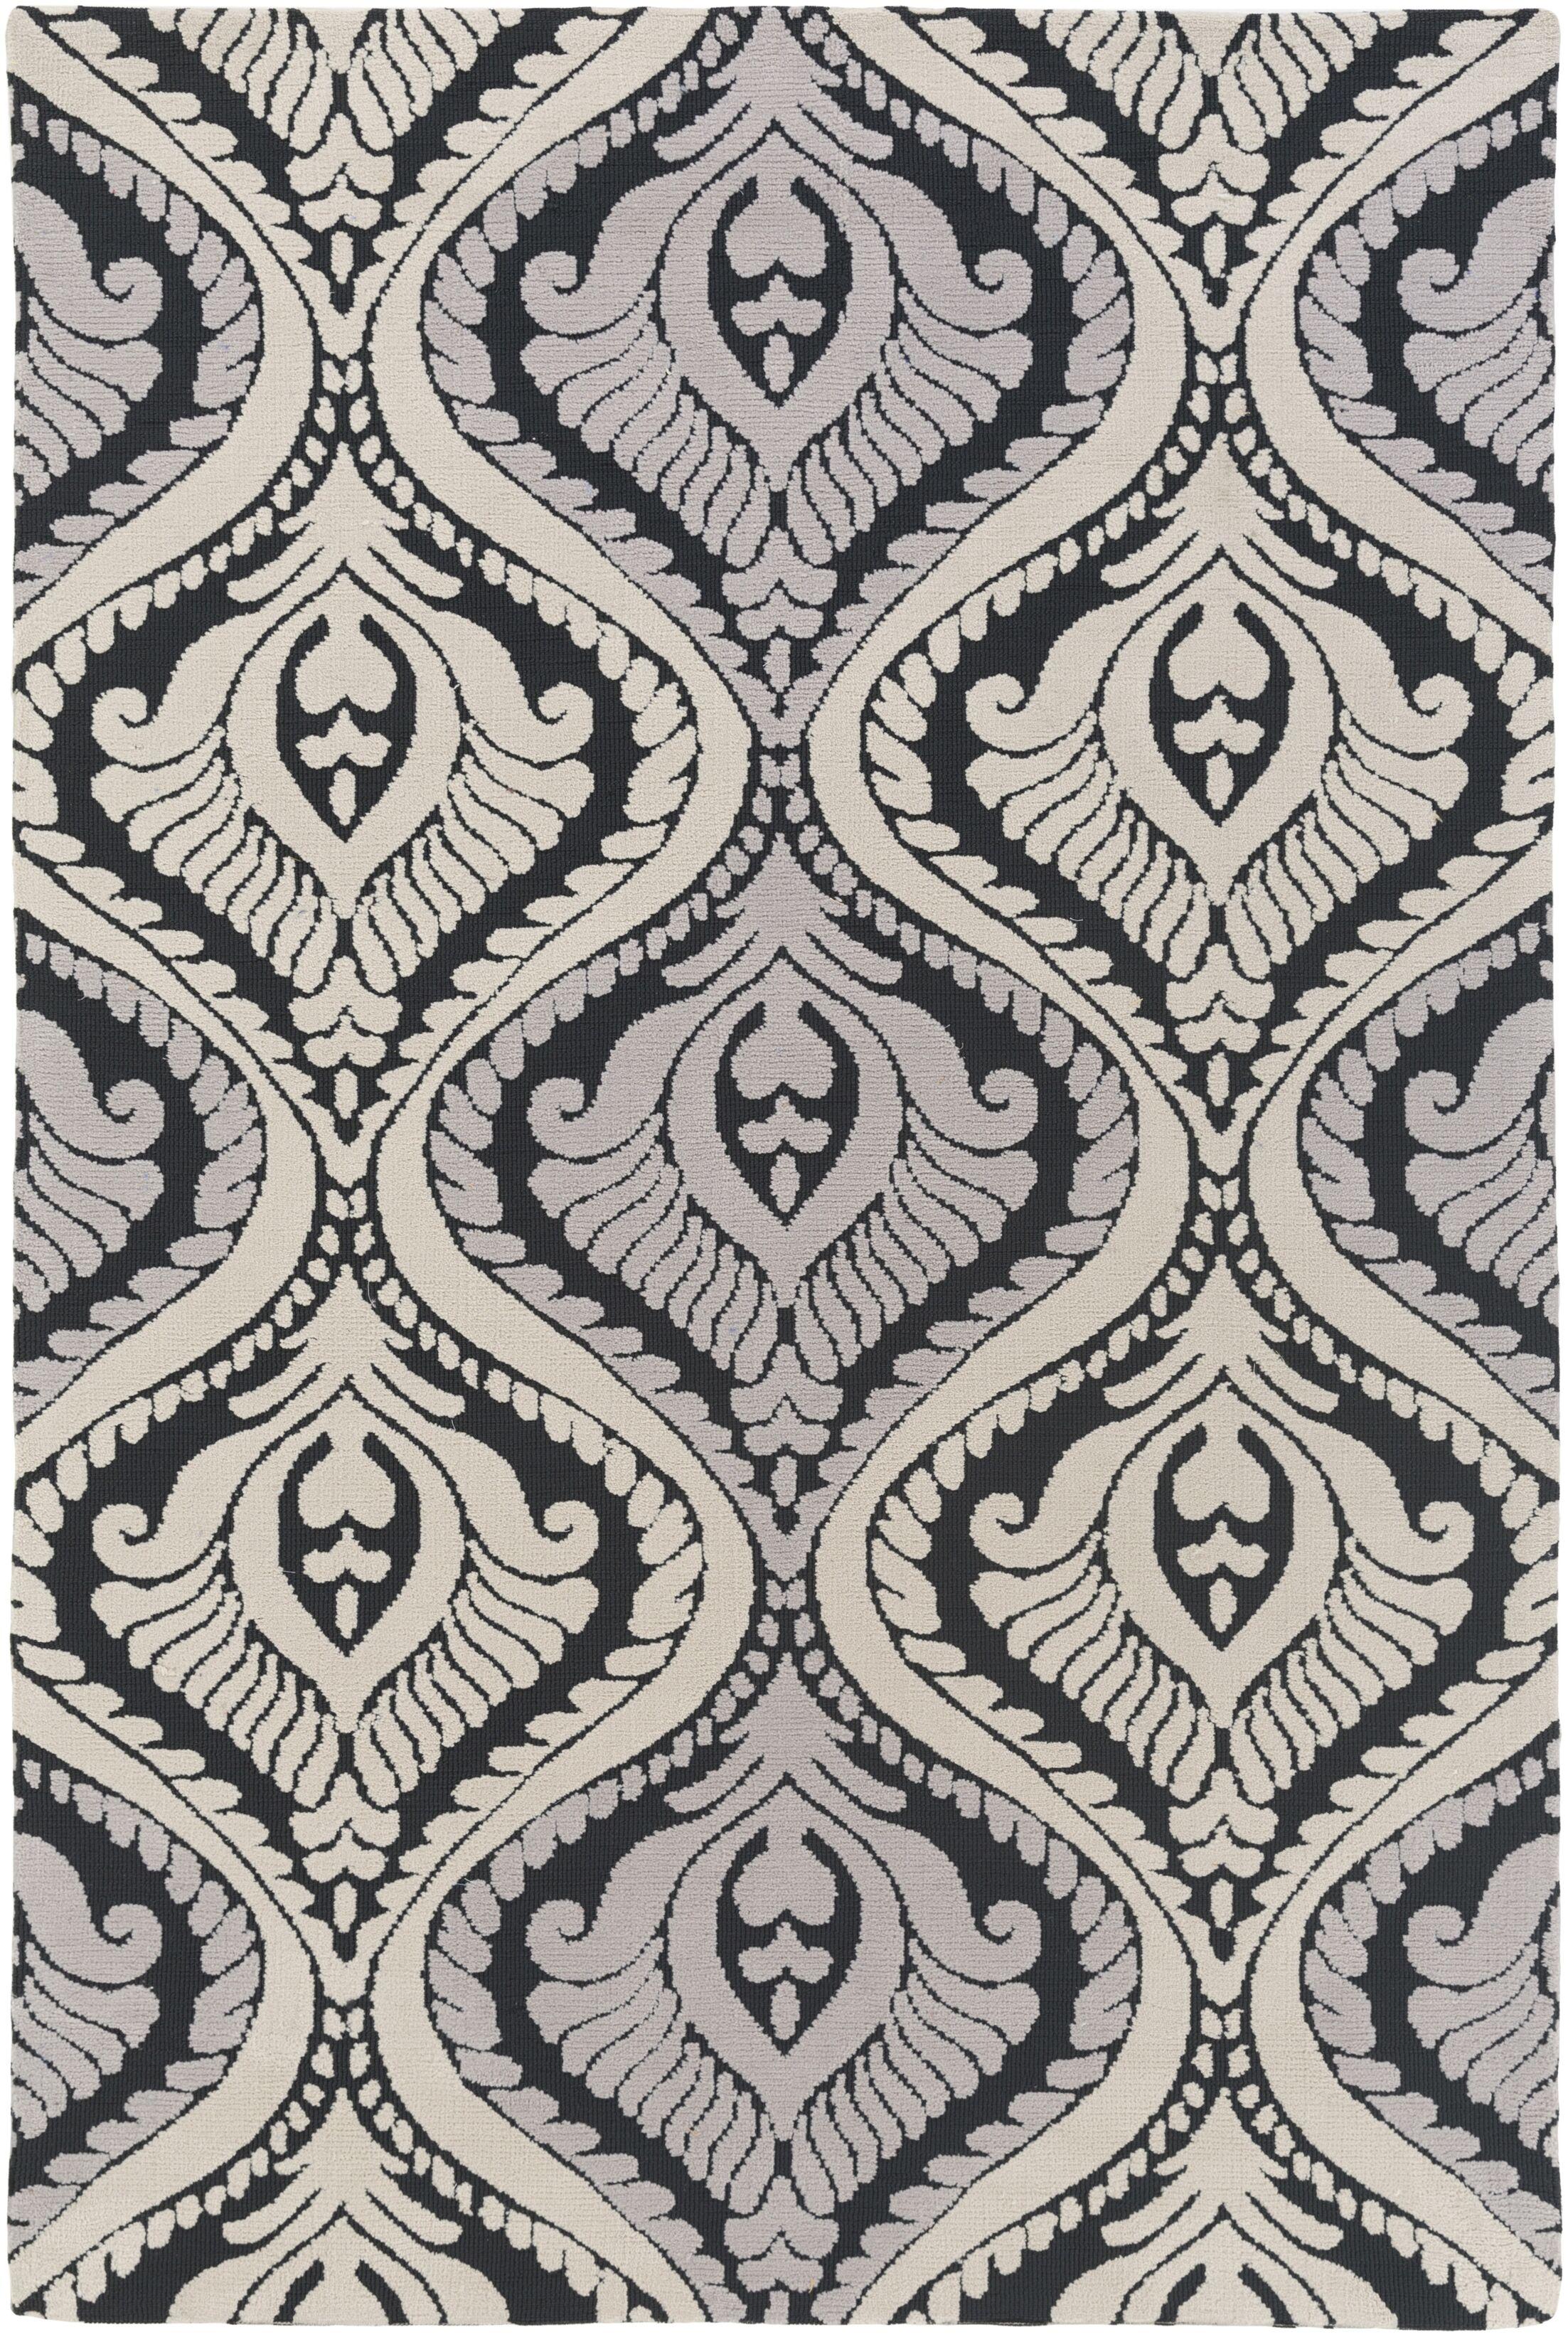 Mangus Black/Ivory Area Rug Rug Size: Rectangle 5' x 7'6